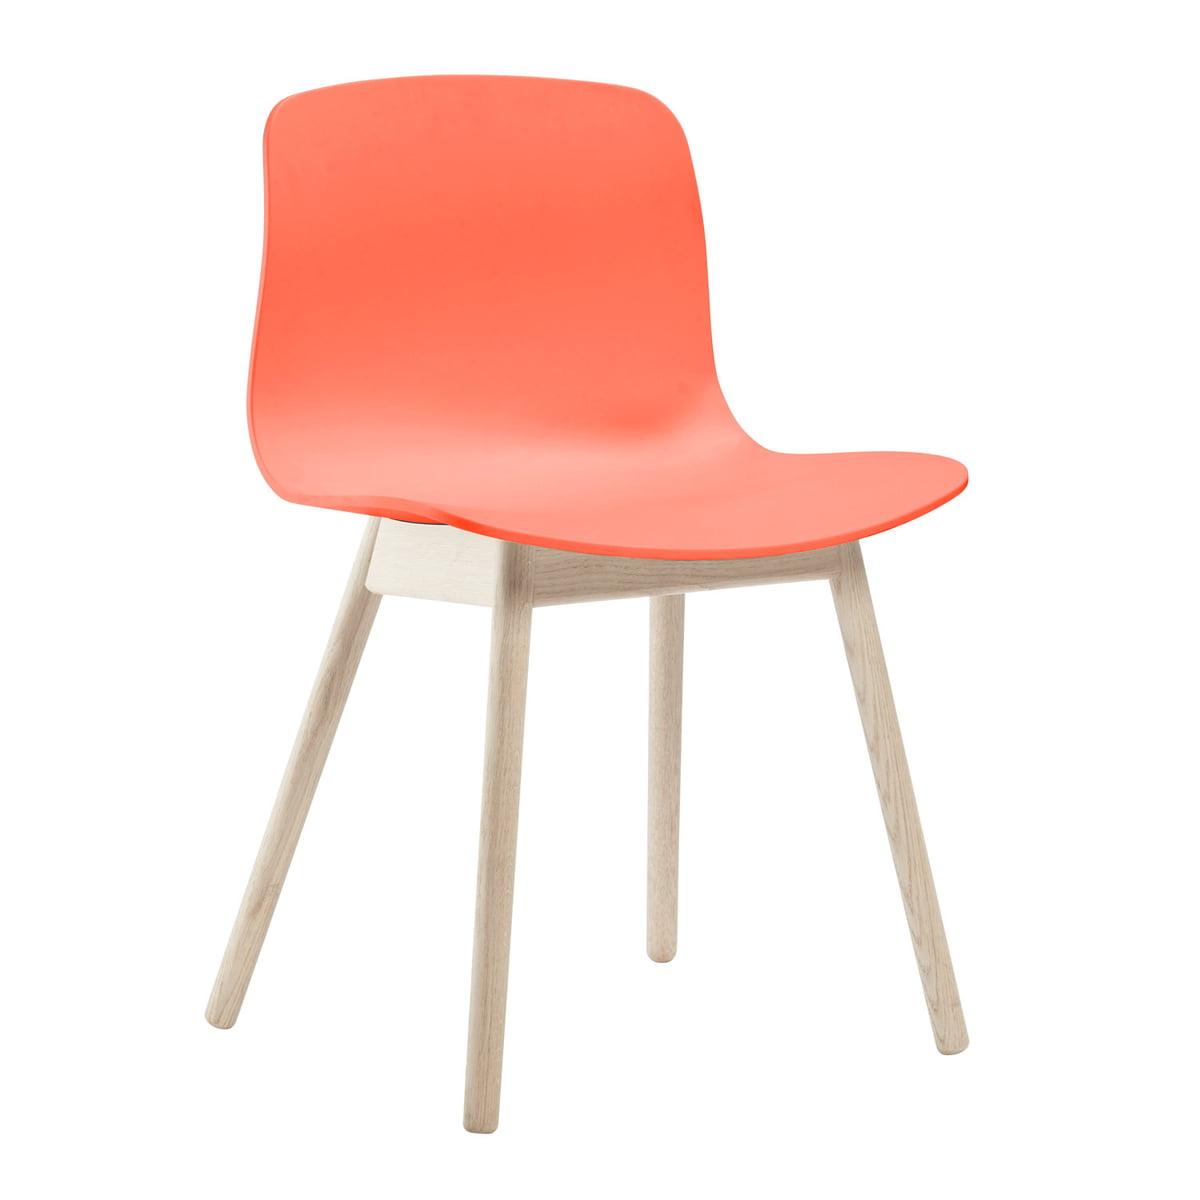 About A Chair AAC 12 von Hay in Eiche geseift / Korallenrot